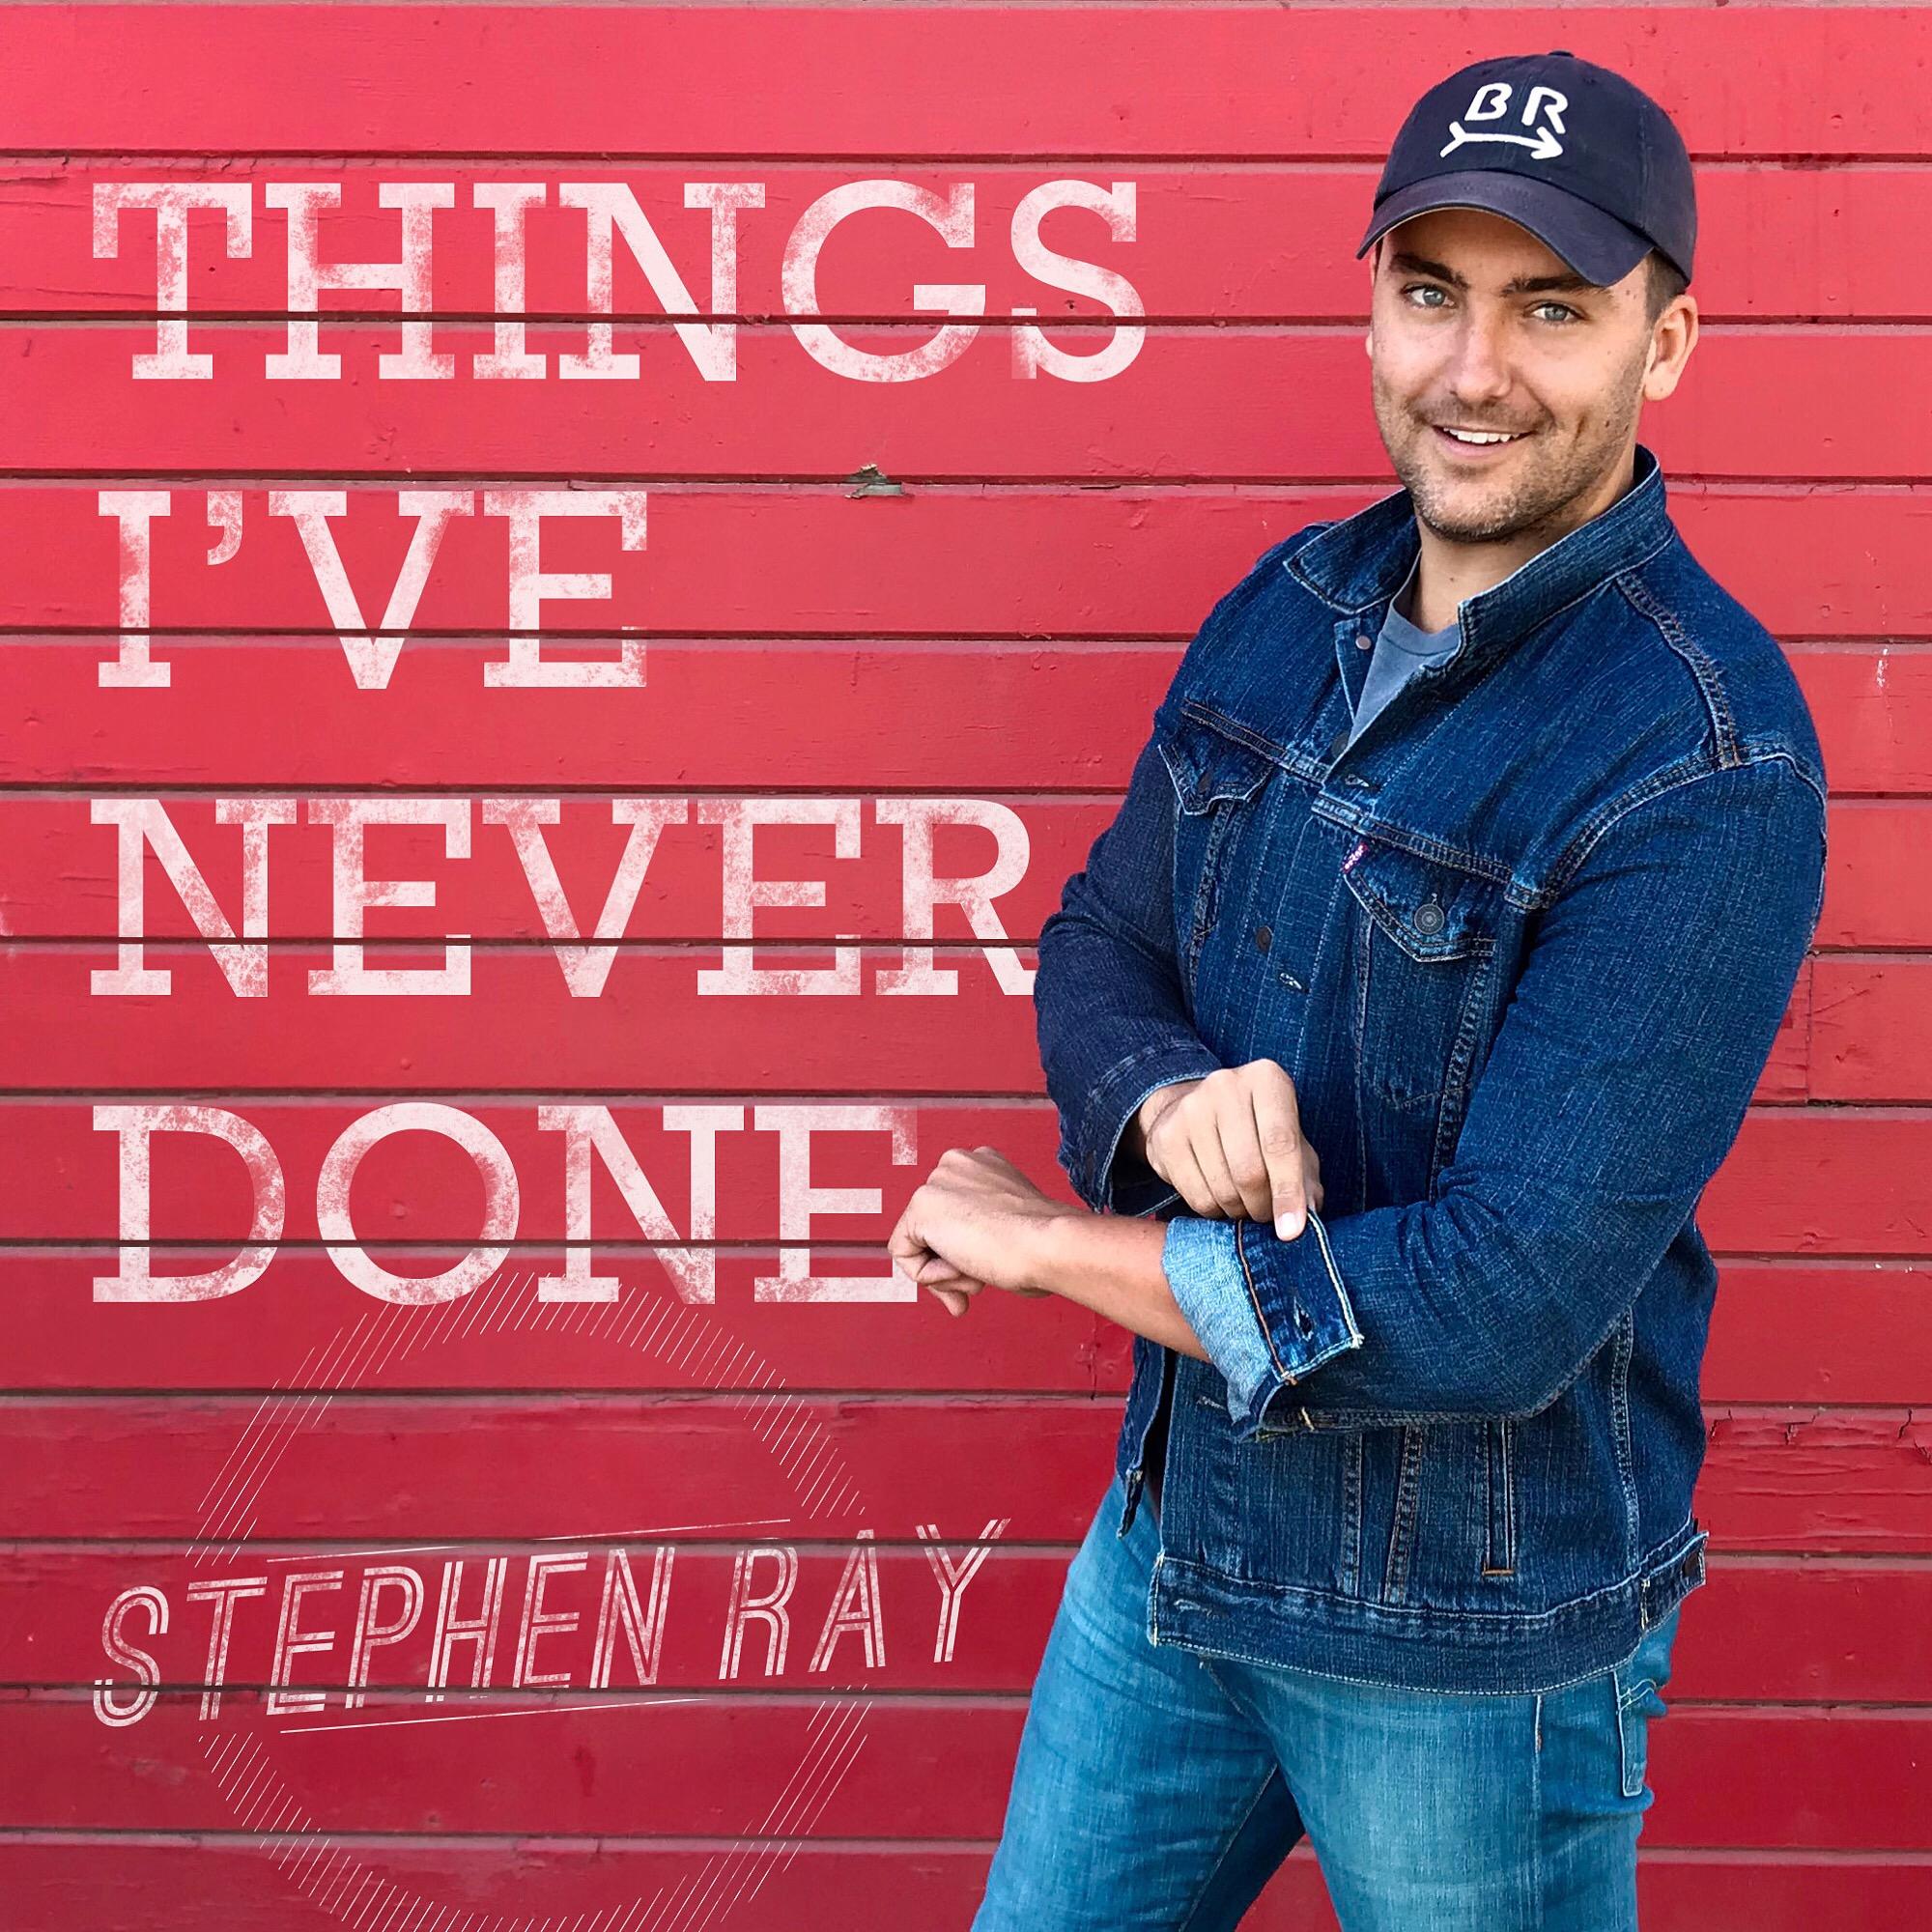 Norv Turner Stephen Ray Things I've never done.JPG